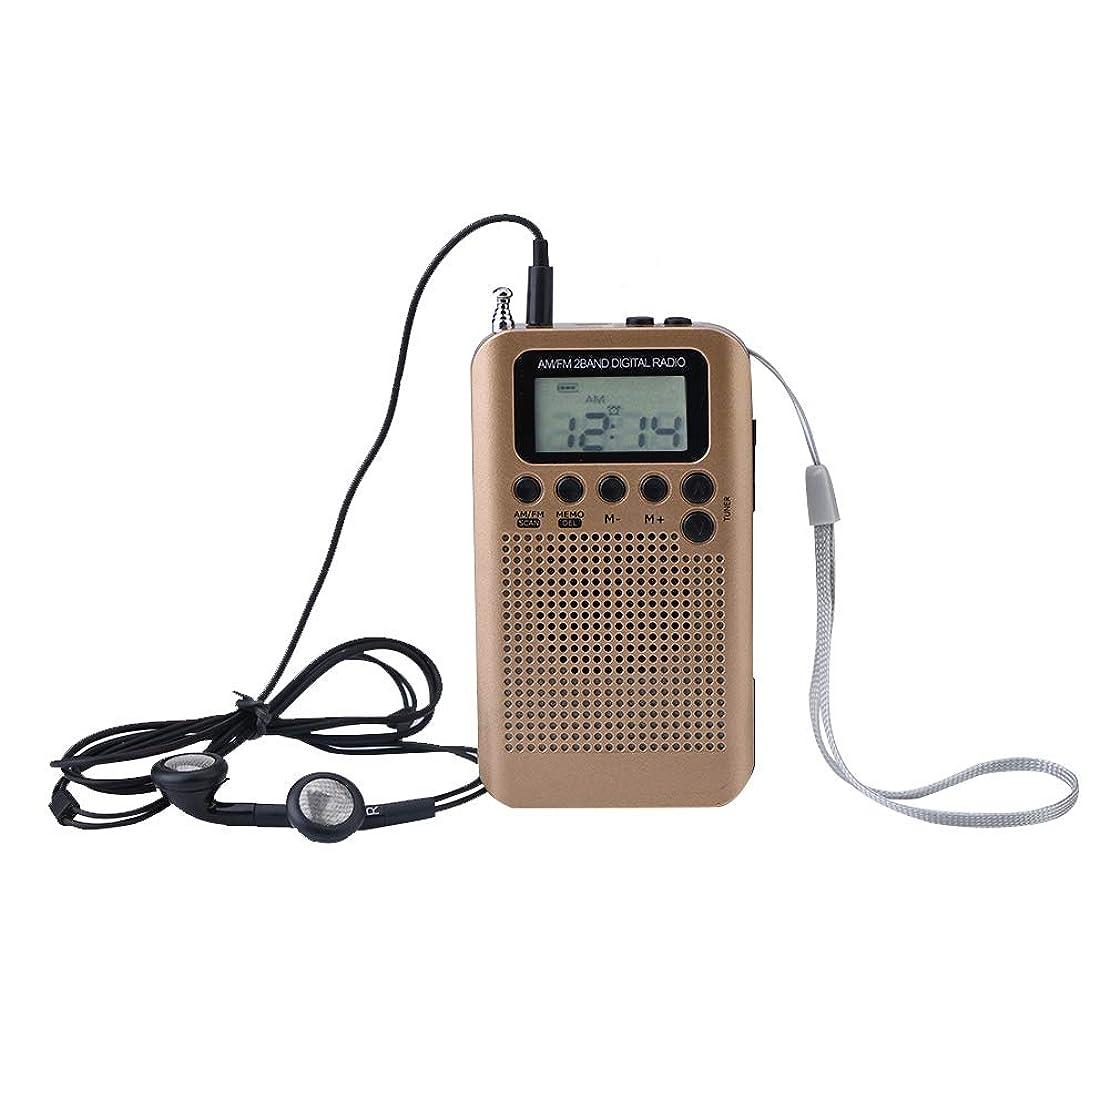 優しさラベンダー優しさRicher-R ラジオスピーカー ミニポータブルFM/AMデジタルラジオ LCDスクリーン デコーディングデジタルラジオ 2バンド8UVステレオラジオ デジタルチューニングラジオポケットラジオ 3.5 MMヘッドフォンジャック付き(ゴルード)